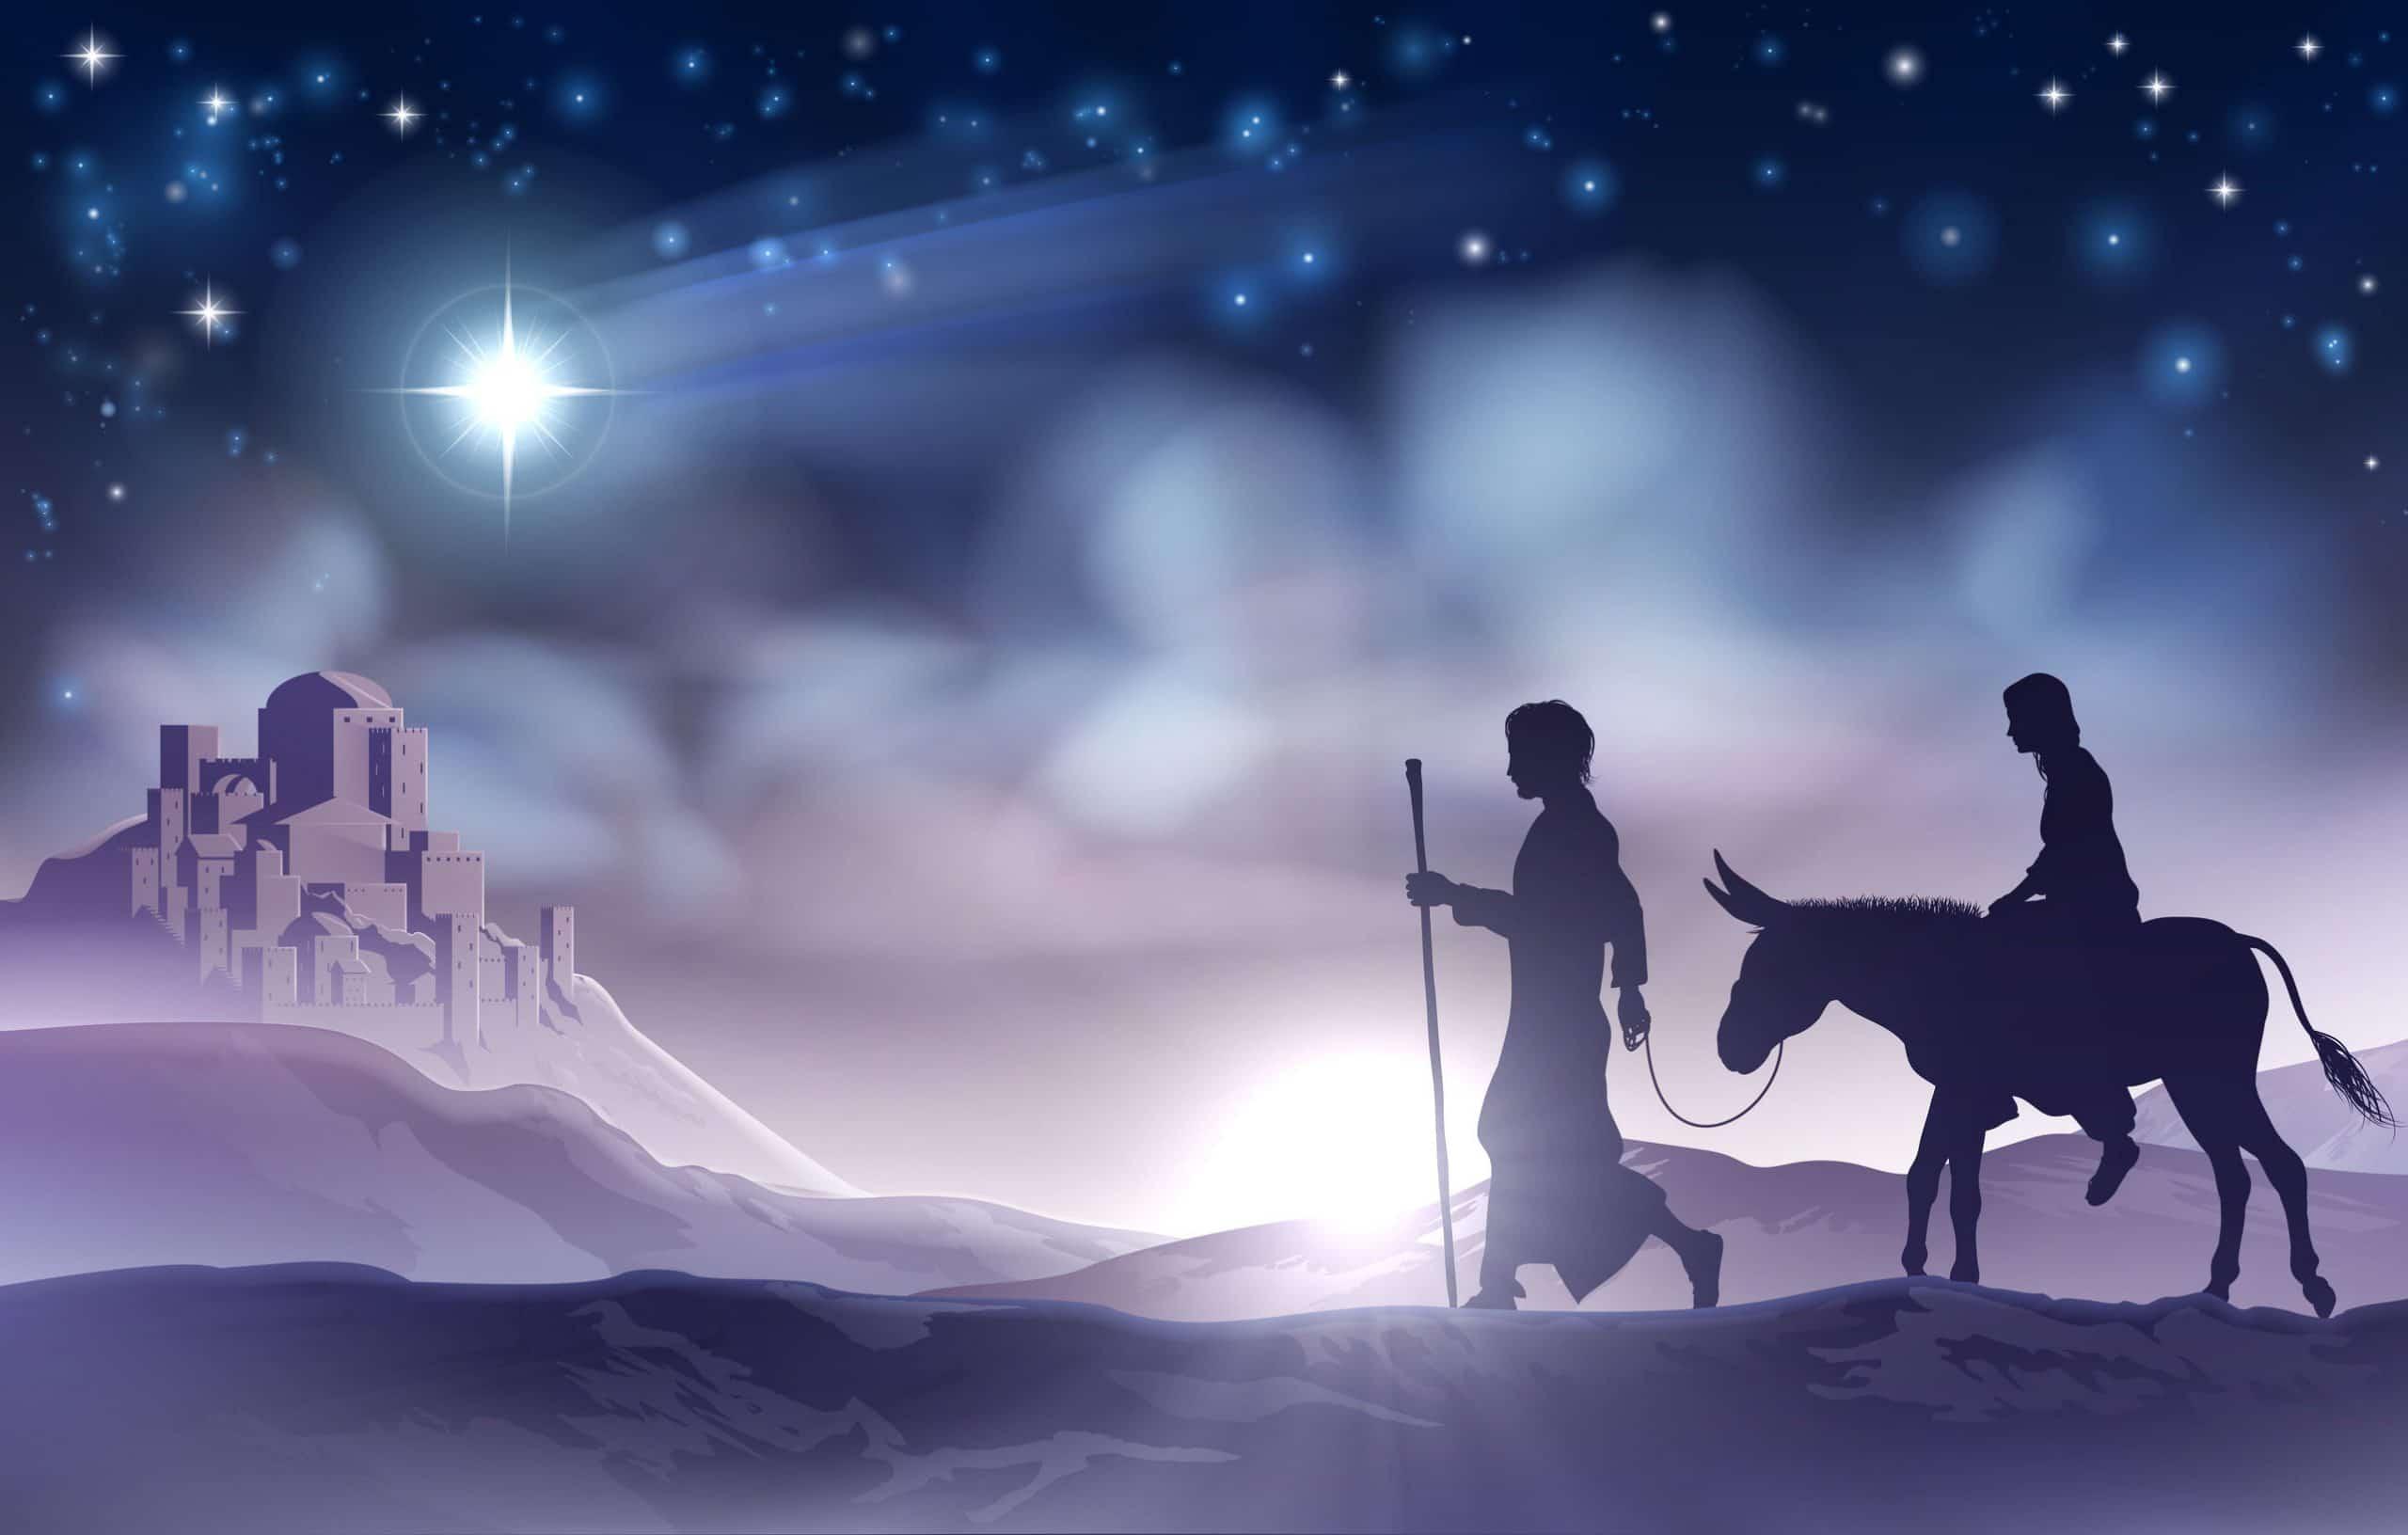 José e Maria viajando no jumento. Ao fundo uma cidade. E no céu a estrela guia